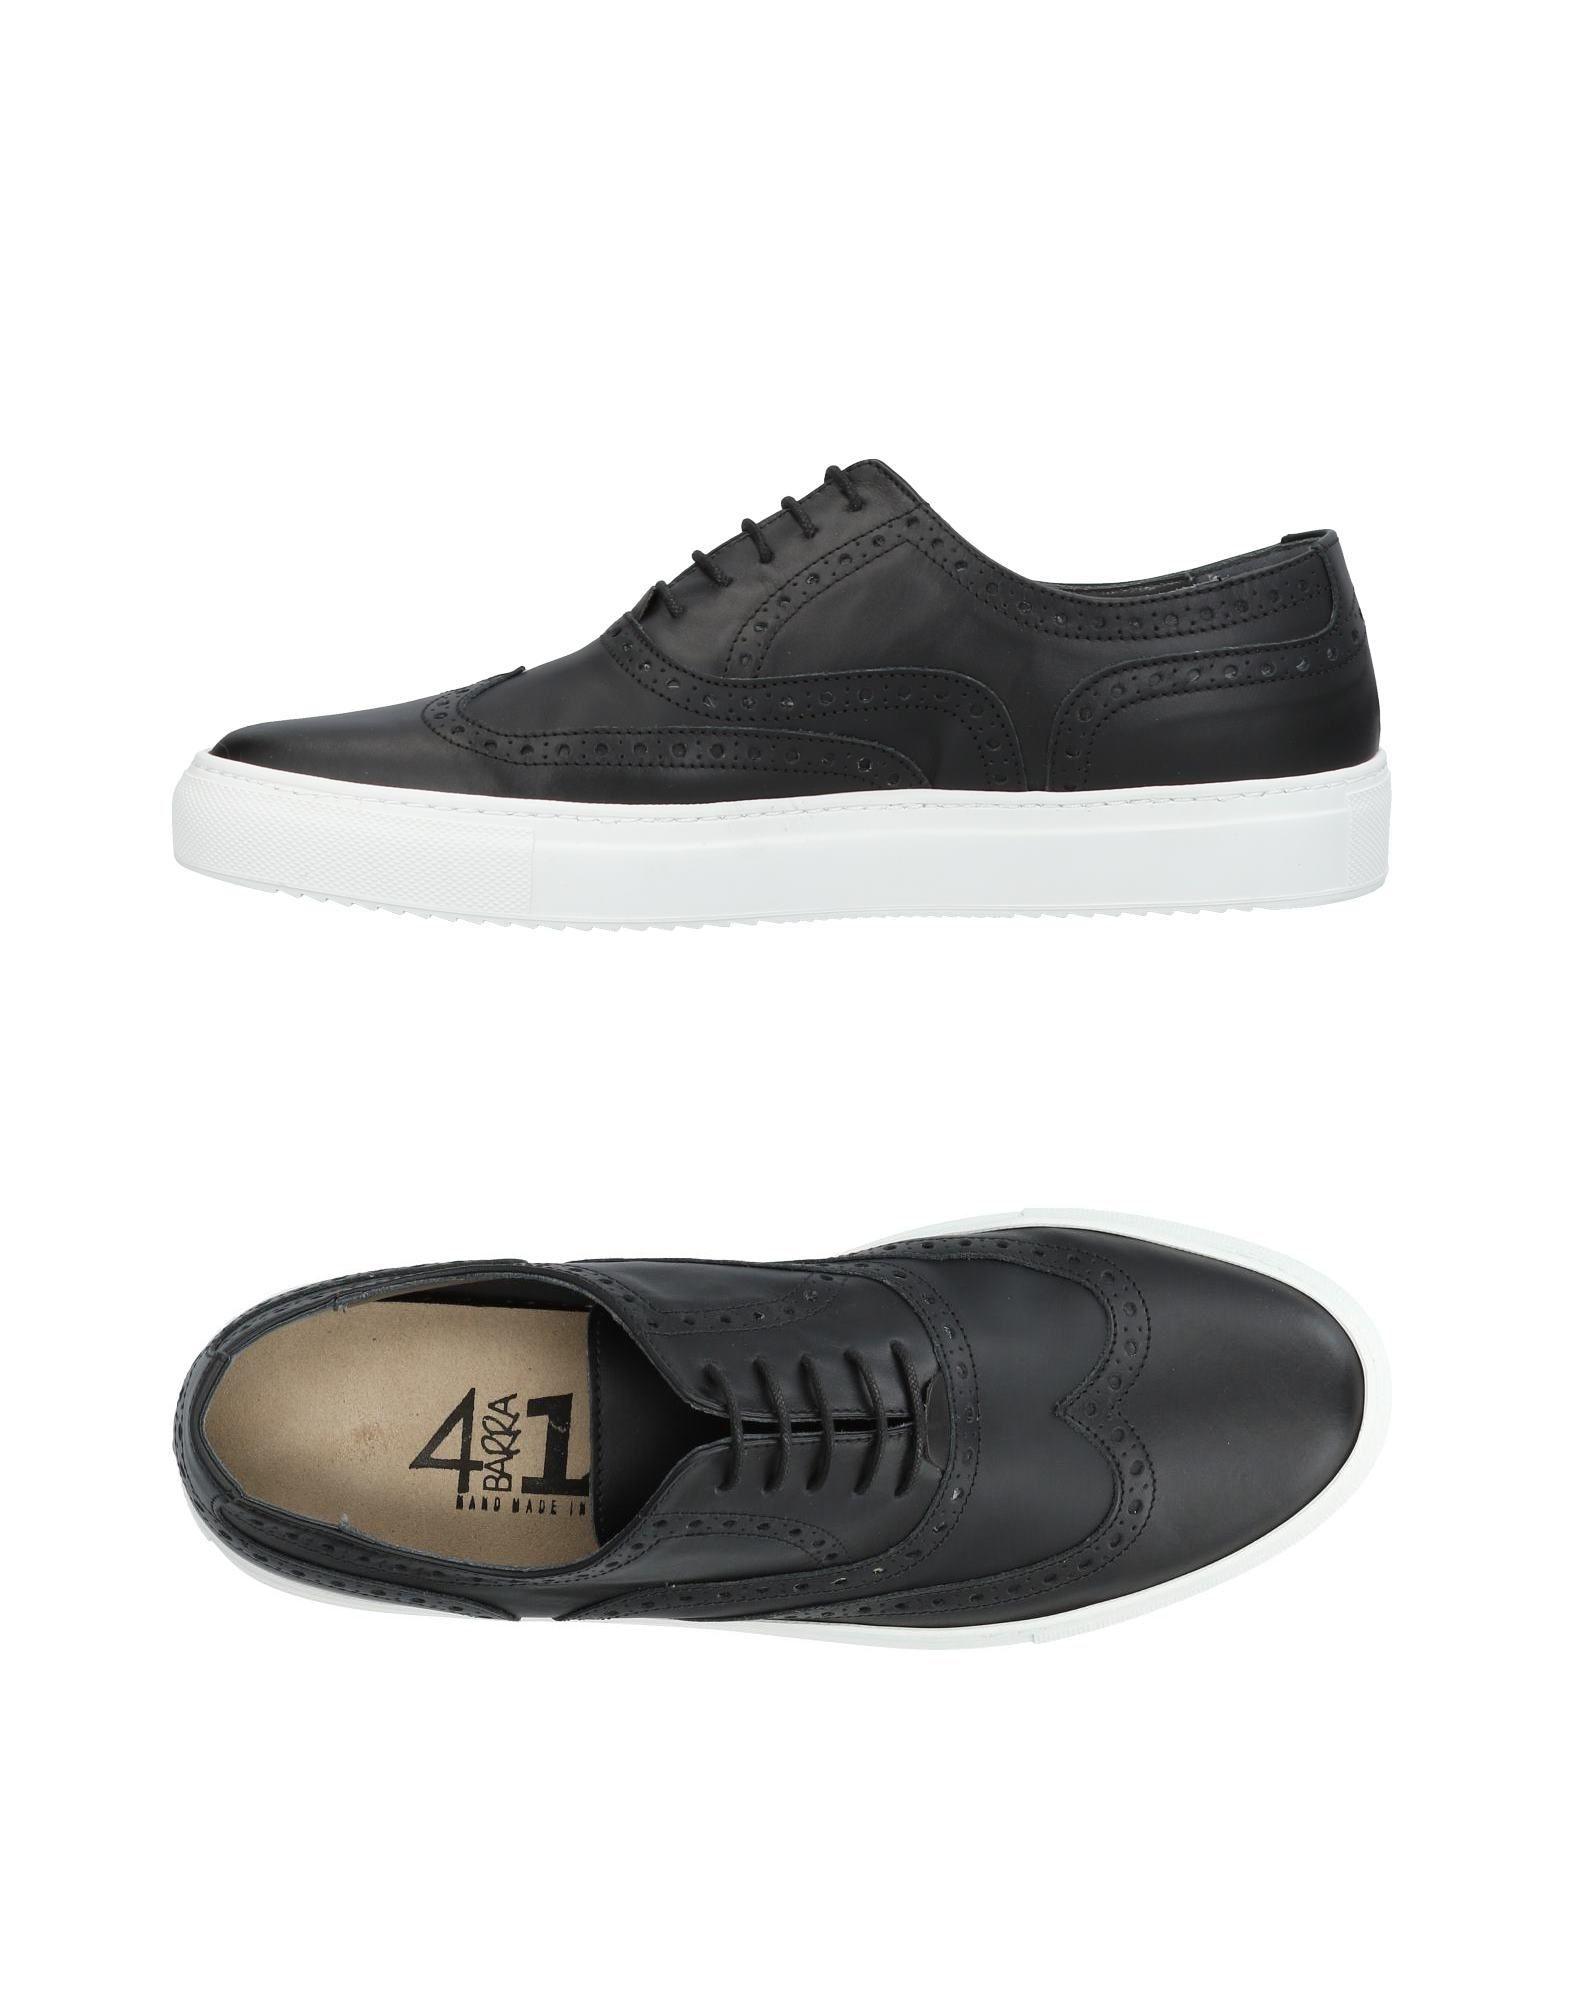 Sneakers Quattrobarradodici Homme - Sneakers Quattrobarradodici  Noir Dernières chaussures discount pour hommes et femmes